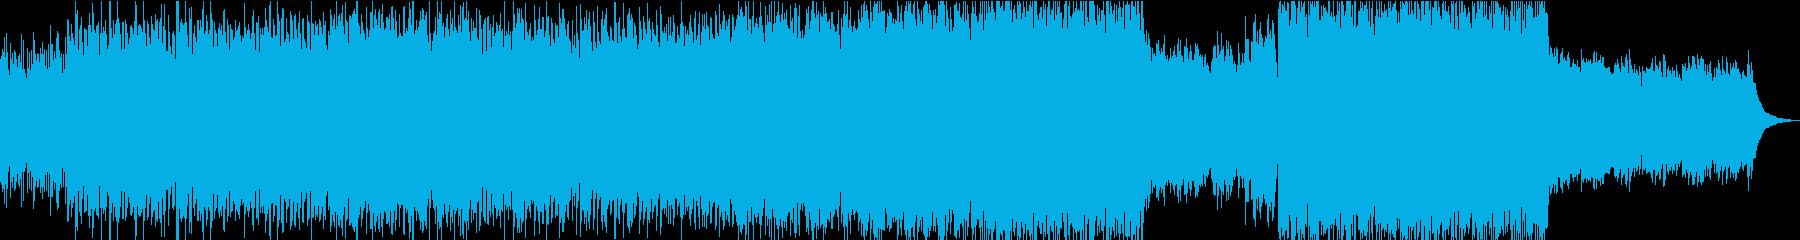 ピアノとストリングスとギターポップロックの再生済みの波形